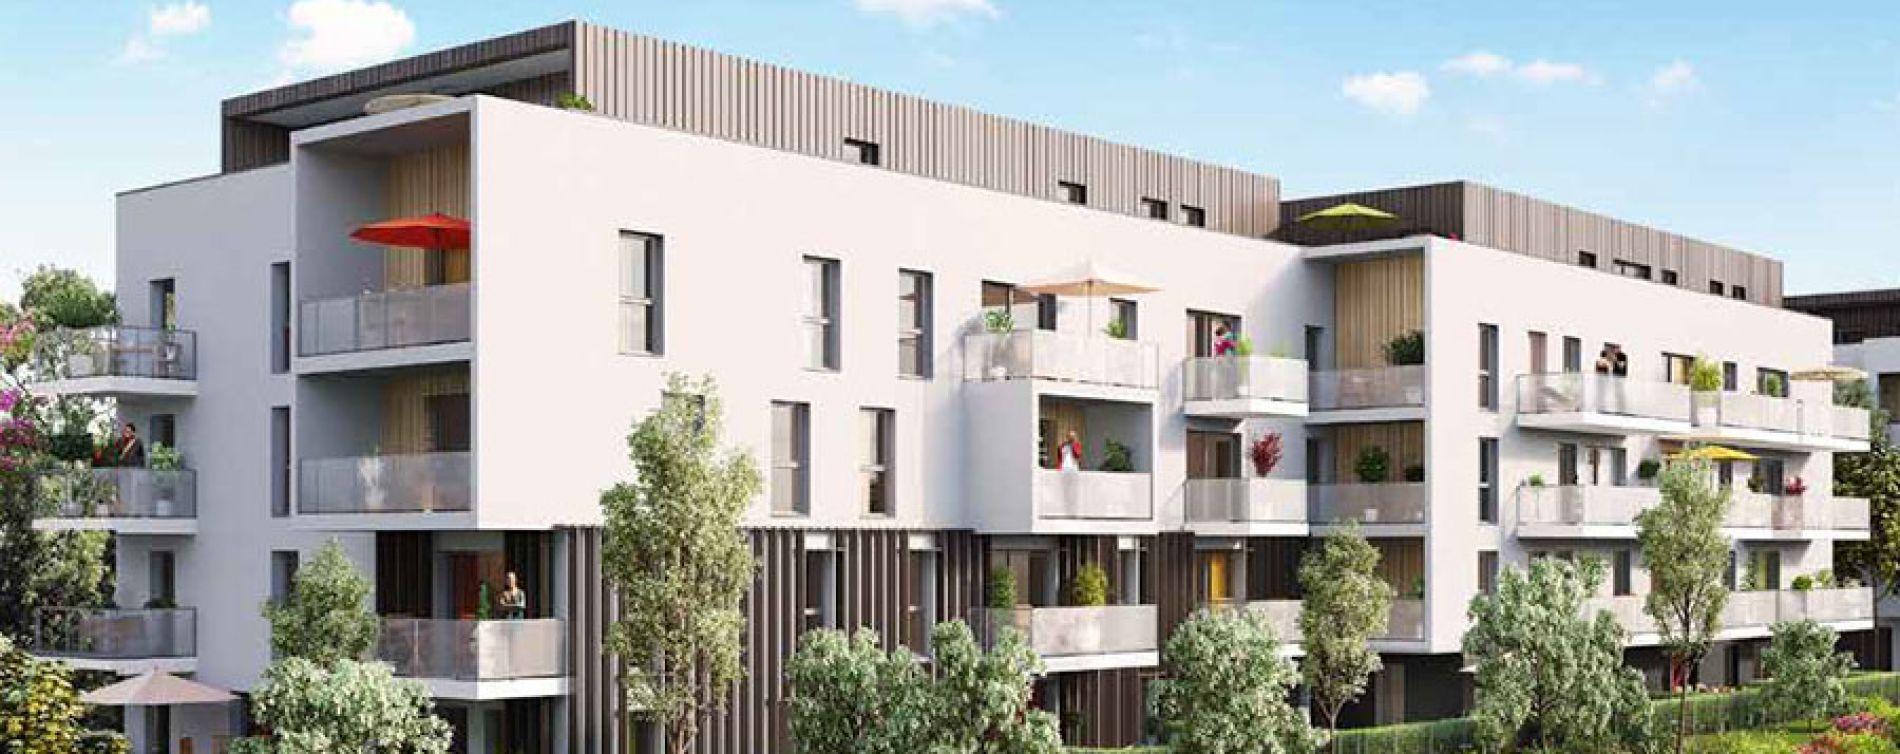 Résidence Les Terrasses d'Aelys  à Thionville